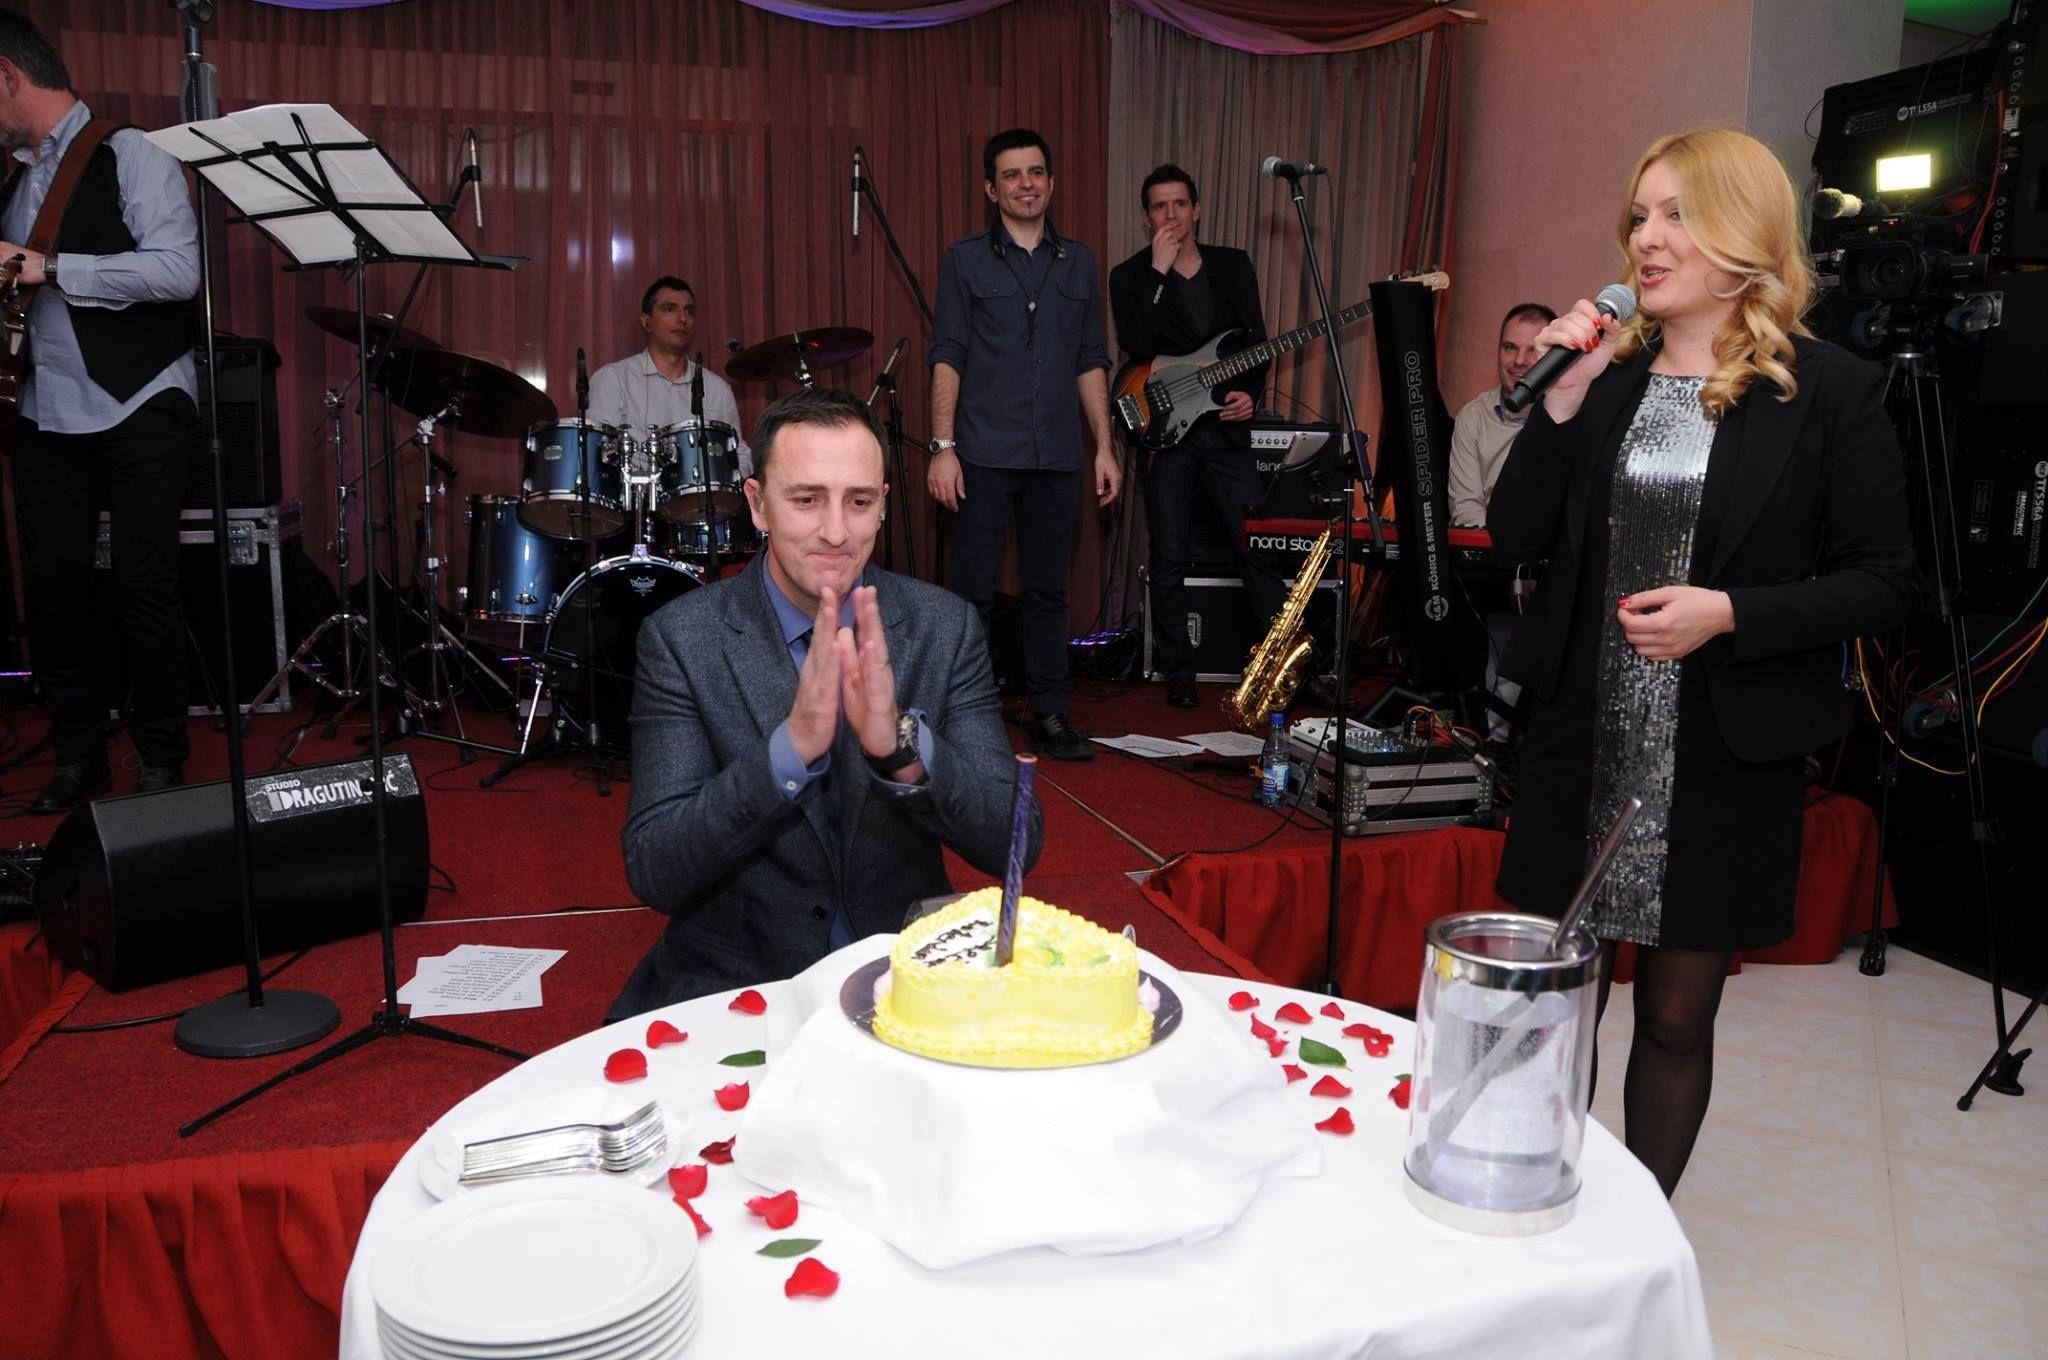 Hotel Splendid je i ove godine nastavio tradiciju - proslave 08.marta. Gosti su uživali u nastupu najveće crnogorske zvijezde i balkanskog superstarsa Sergeja Cetkovića. Negdje na sredini nastupa večeri uslijedilo je iznenađenje: s obzirom na to da je Sergej rođen na Dan žena. Uslijedile su iskrene čestitke I lijepe želje od publike i Uprave hotela . Pročitajte više na http://www.blic.rs/…/Sergeja-Cetkovica-sacekalo-nezaboravno…Više na linku http://goo.gl/gGMpVy